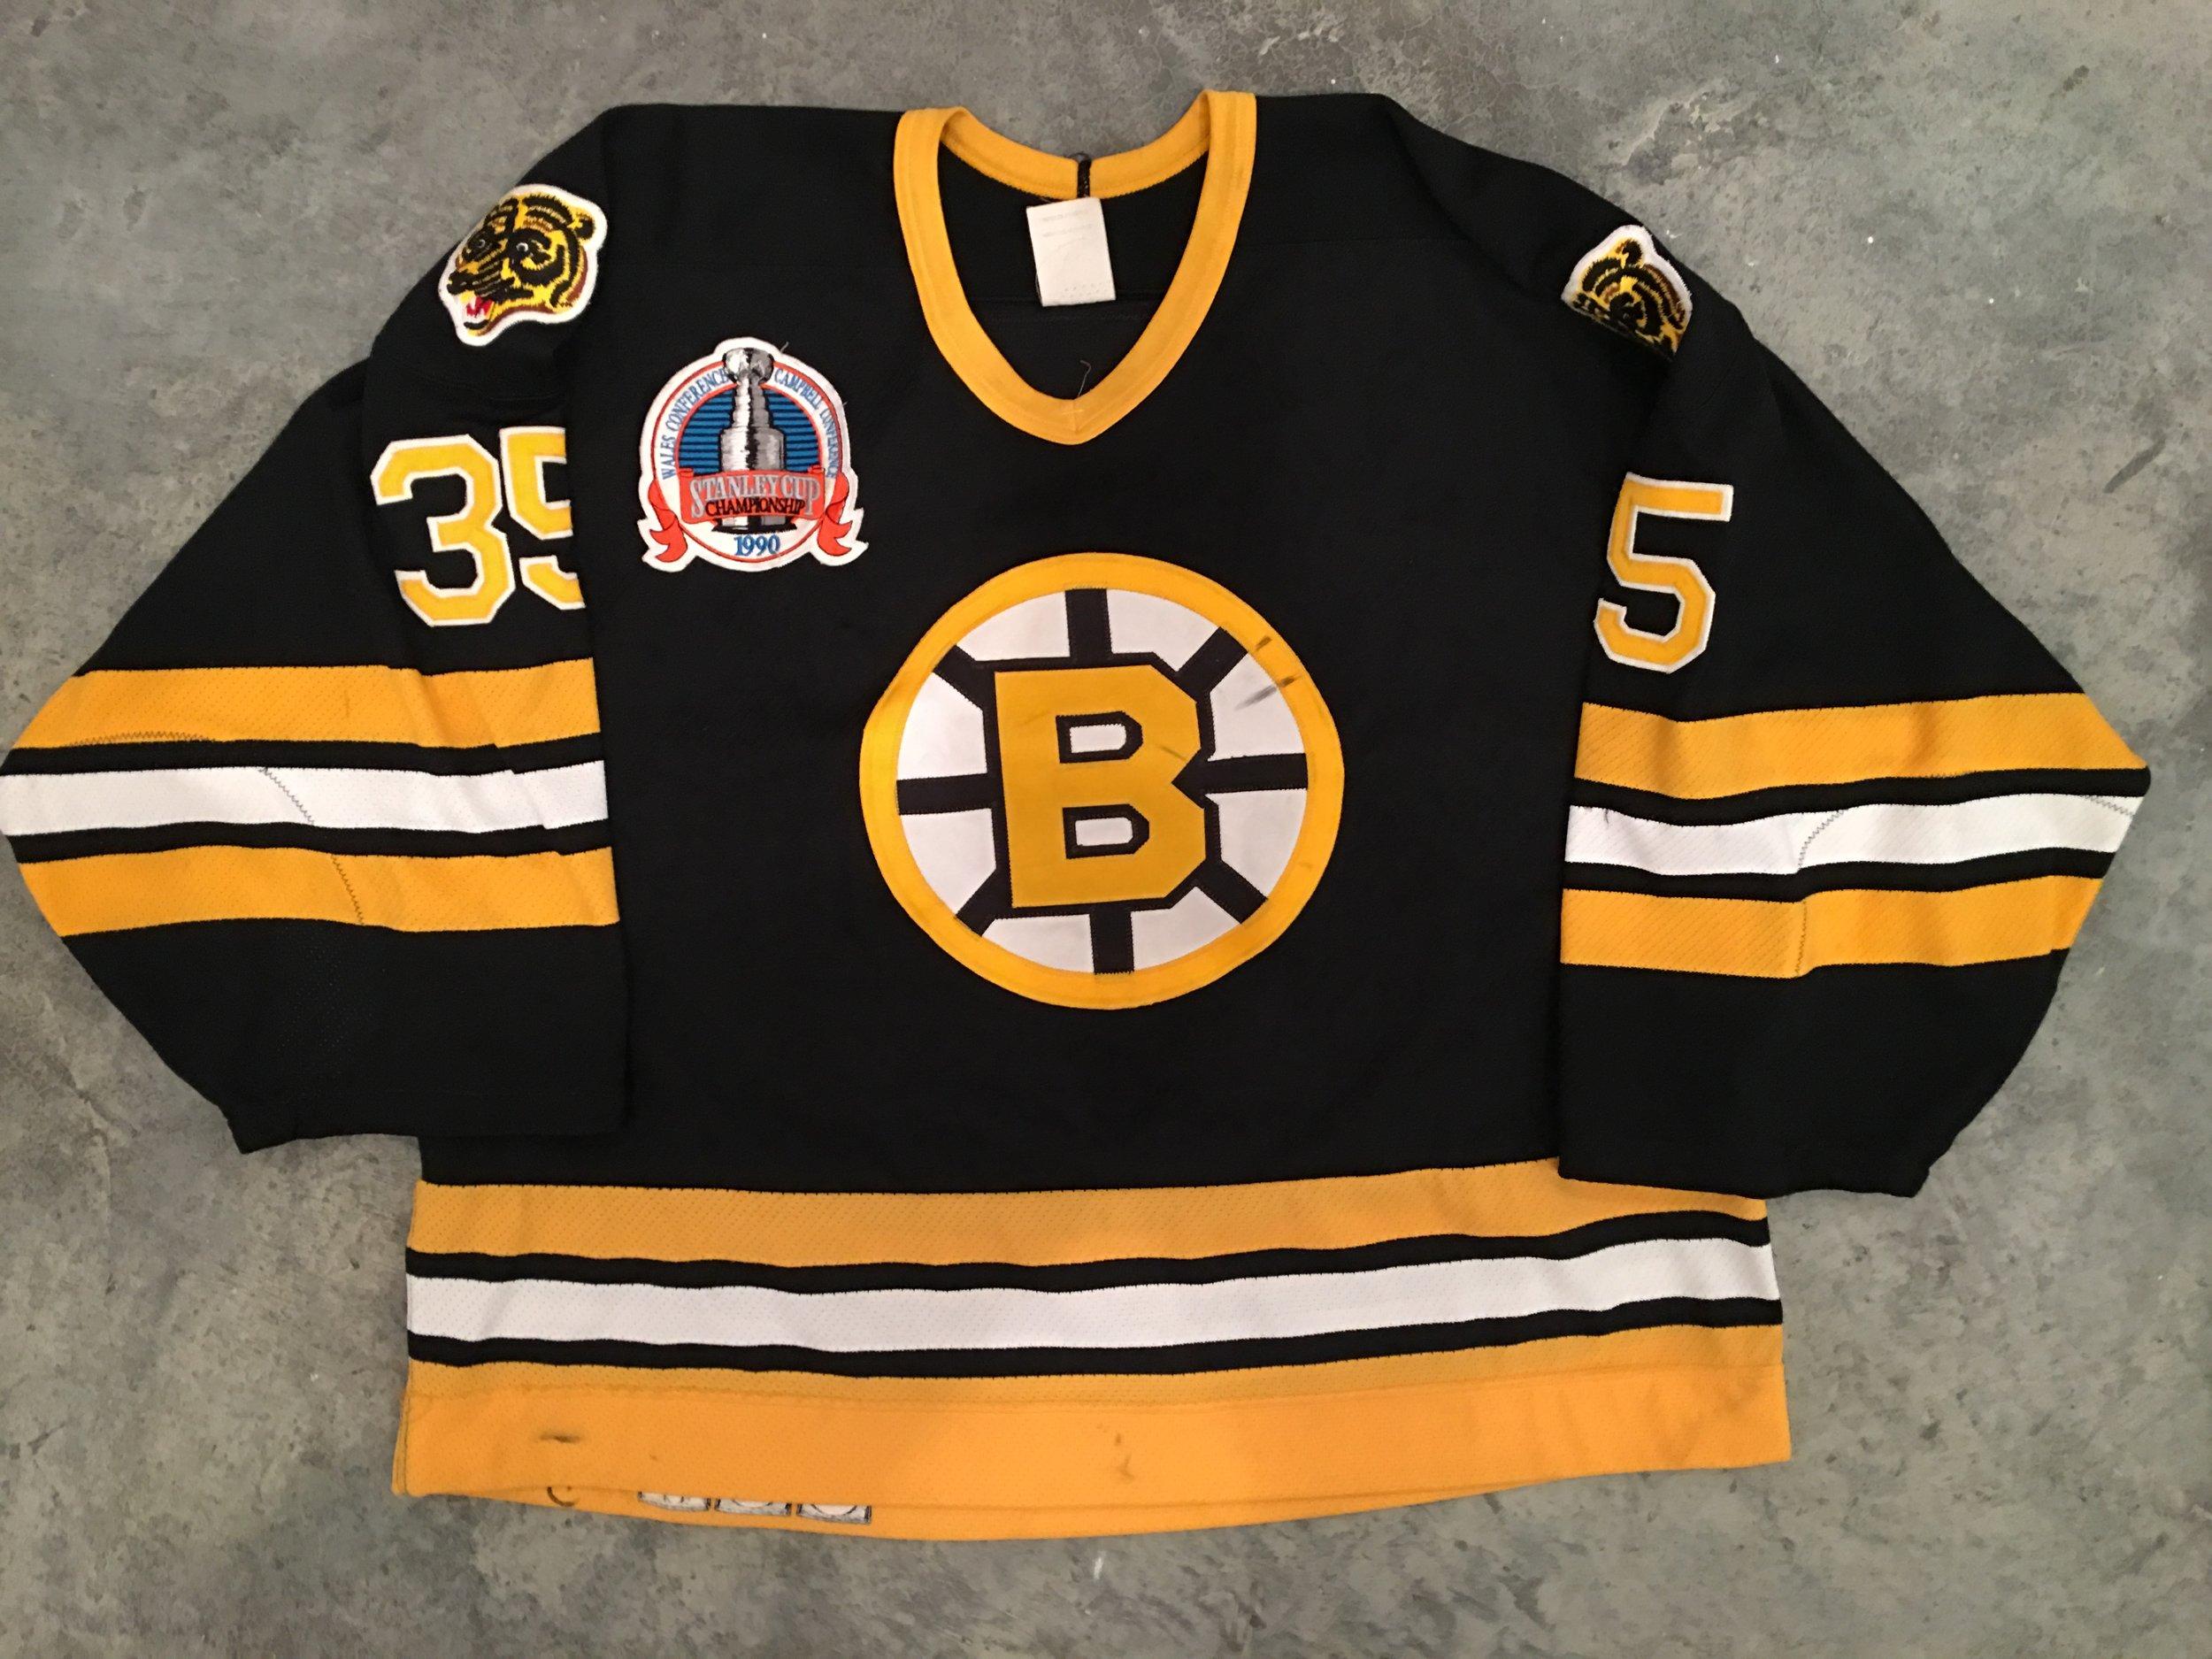 Stanley Cup Finals Jerseys -